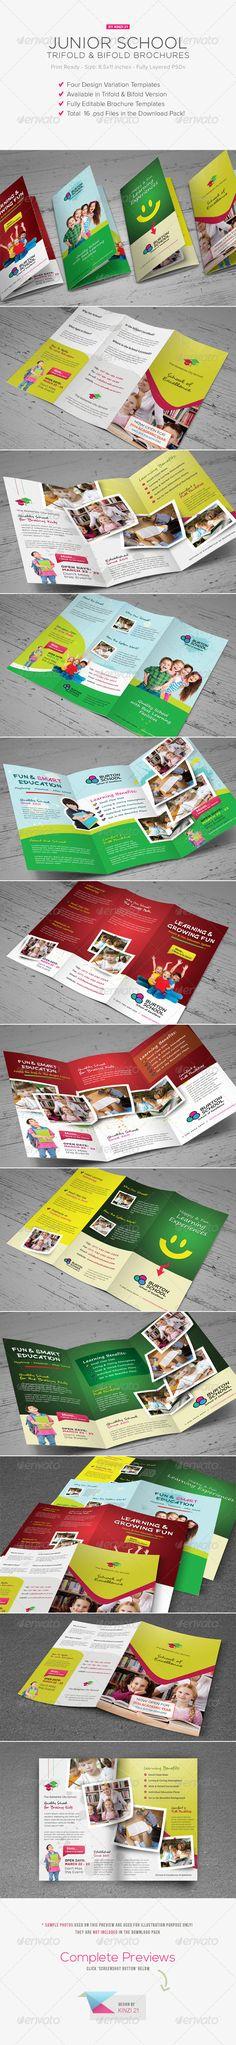 Junior School Trifold & Bifold Brochures